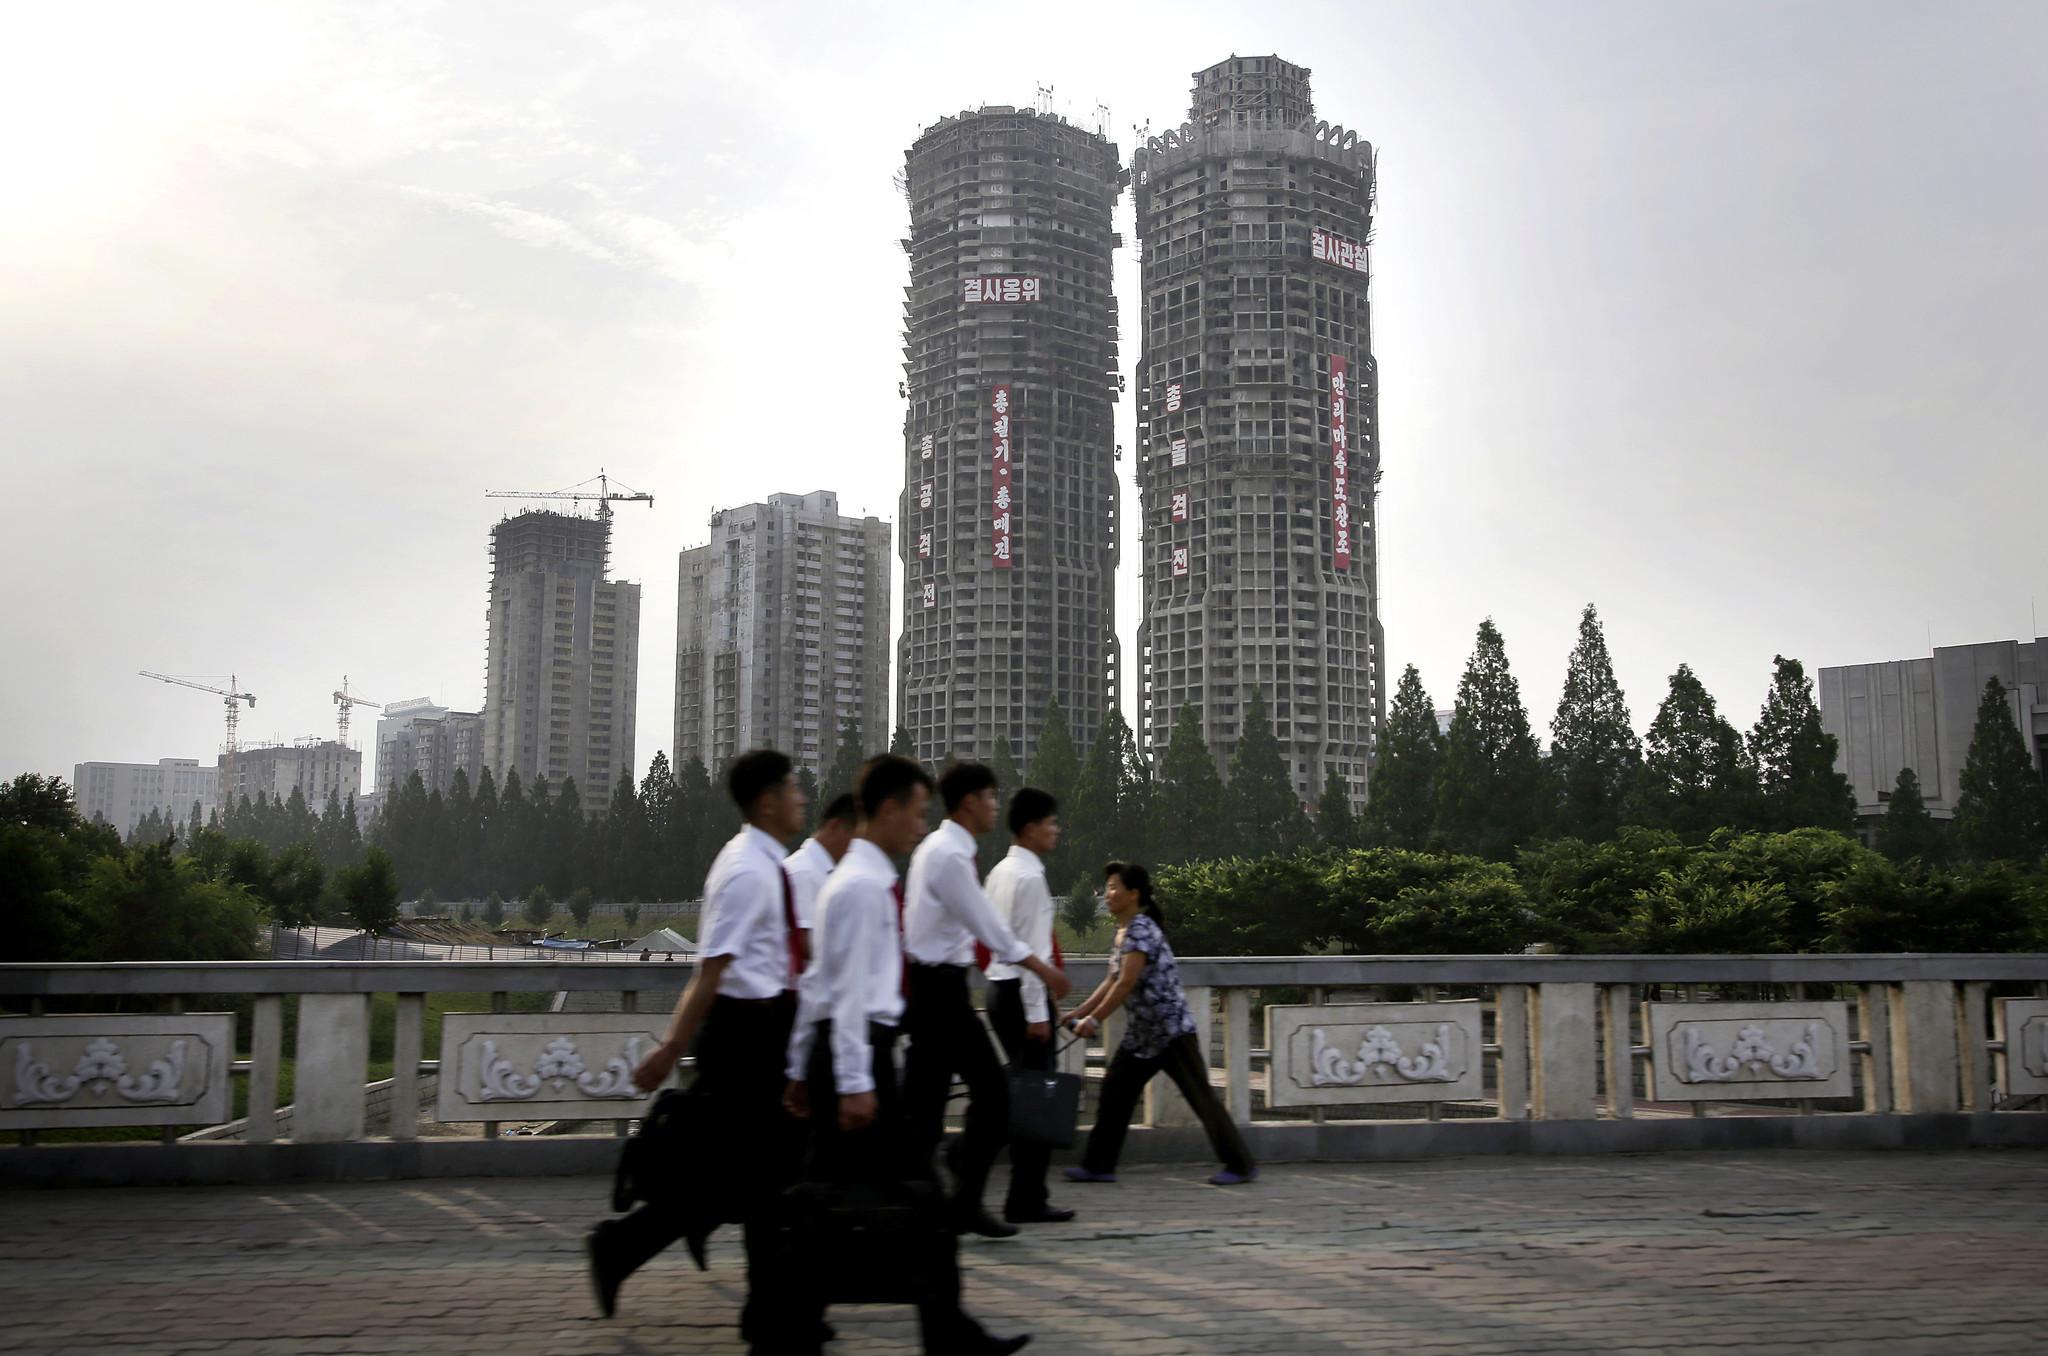 pyonghattan 2 0 more skyscrapers go up in capital pyonghattan 2 0 more skyscrapers go up in capital chicago tribune